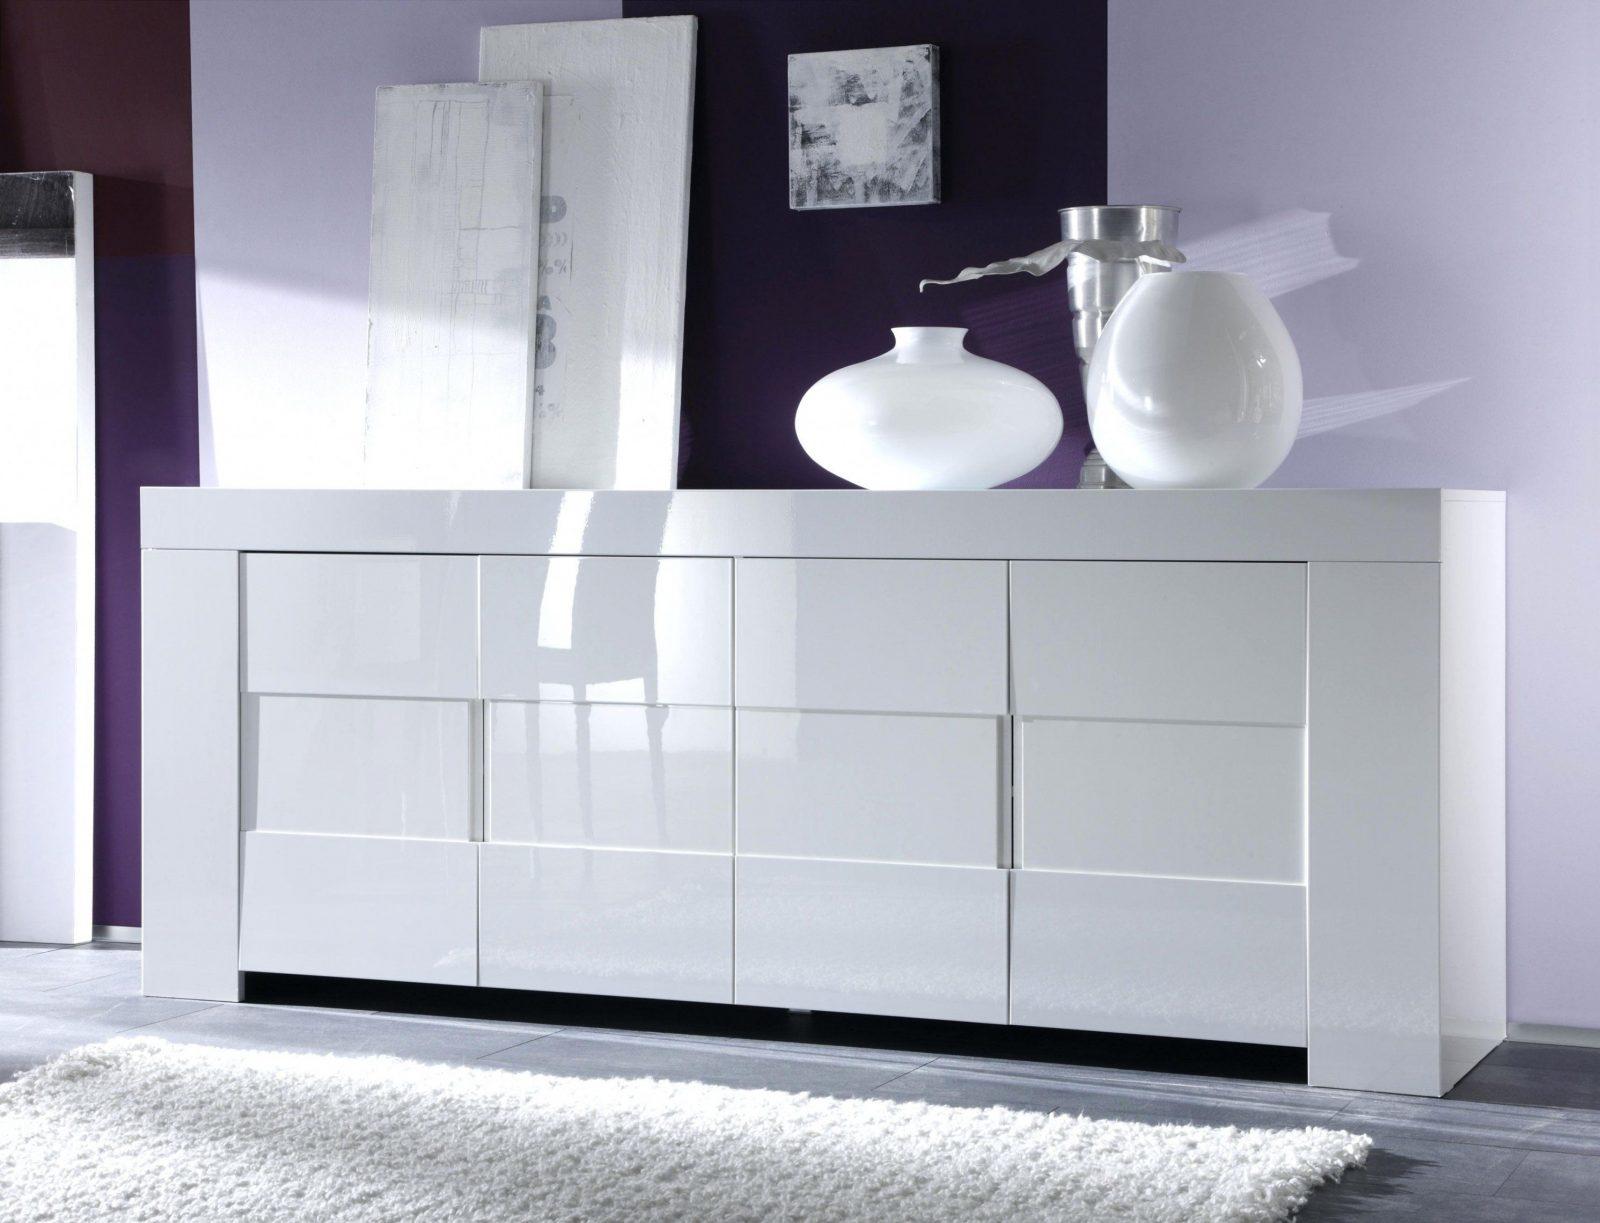 Sideboard Weiss Hochglanz Hangend Full Size Of Langes Weis 3M Extra von Lowboard Weiß Hochglanz 3M Bild